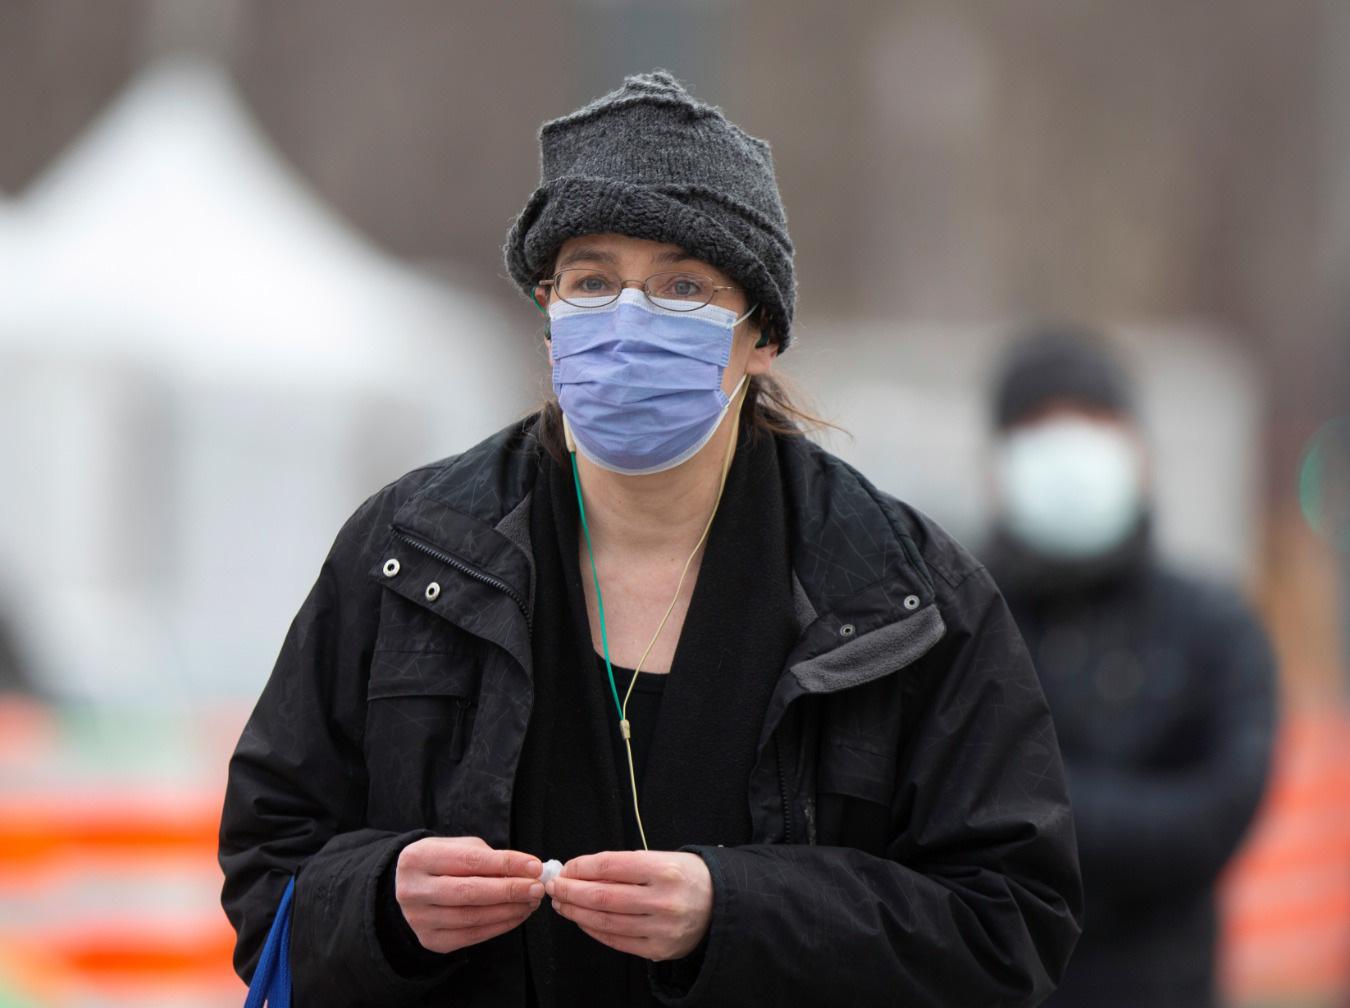 Chính phủ New Zealand dự báo trường hợp tồi tệ nhất: 2/3 dân số nhiễm bệnh, gần 30.000 người tử vong - Ảnh 1.